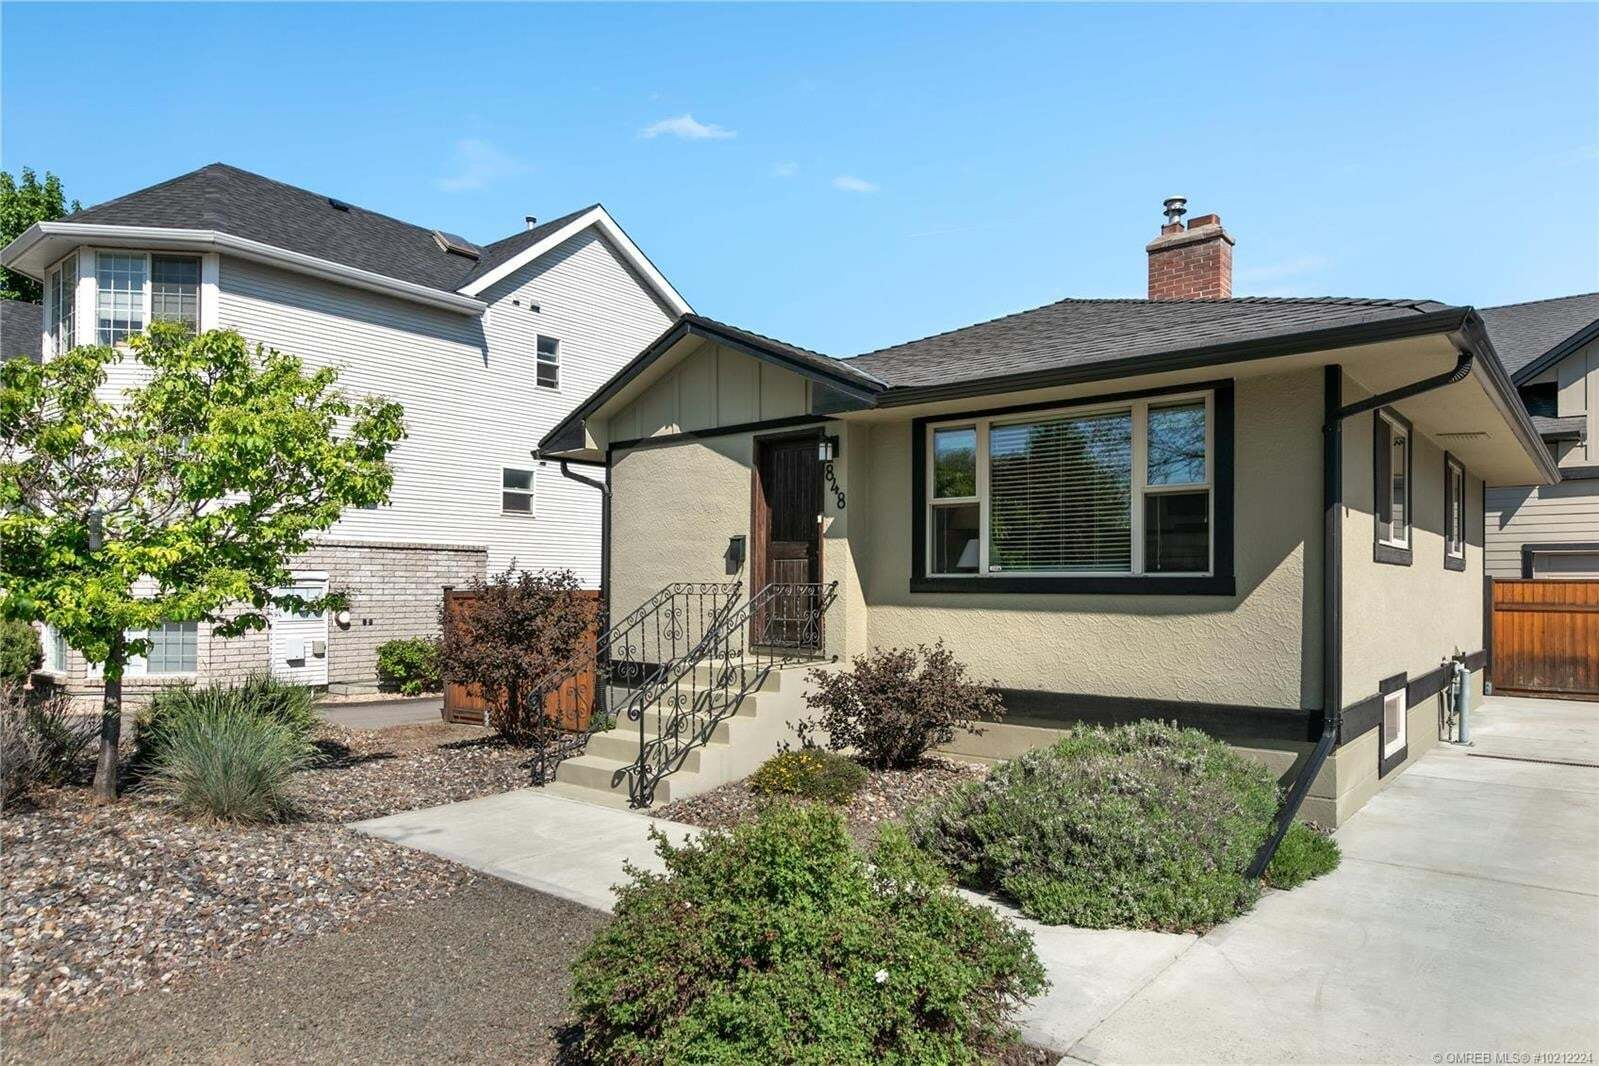 House for sale at 848 Dehart Ave Kelowna British Columbia - MLS: 10212224